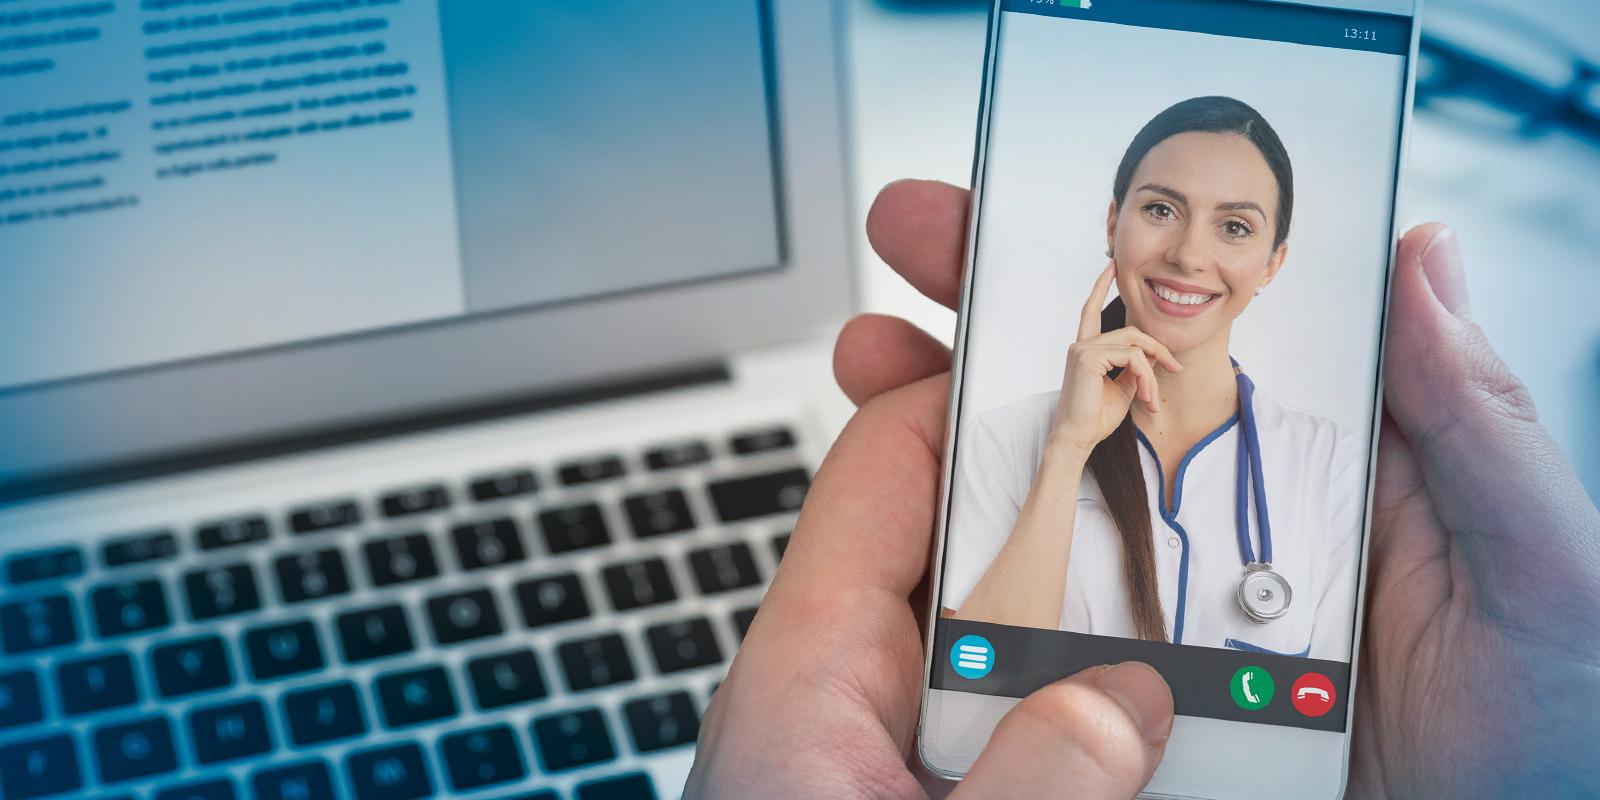 Top 10 Telemedicine Specialties in Demand